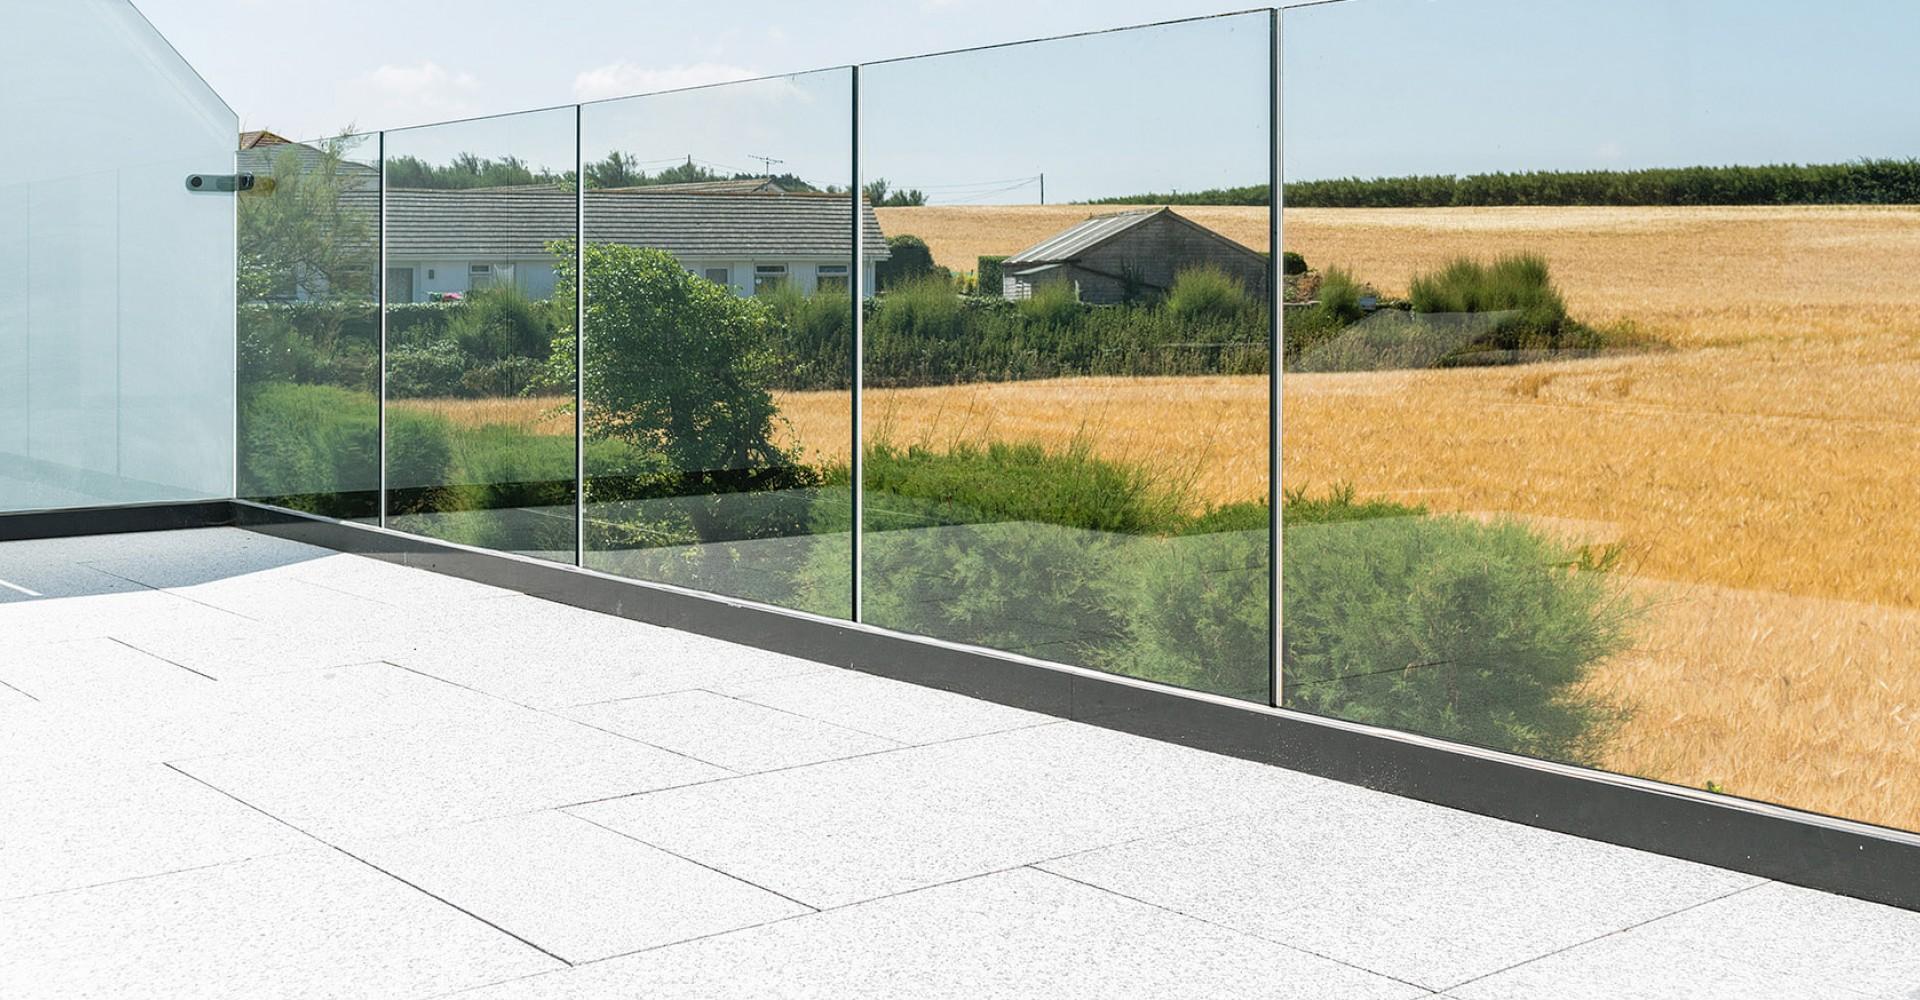 Frame-less glass balustrade